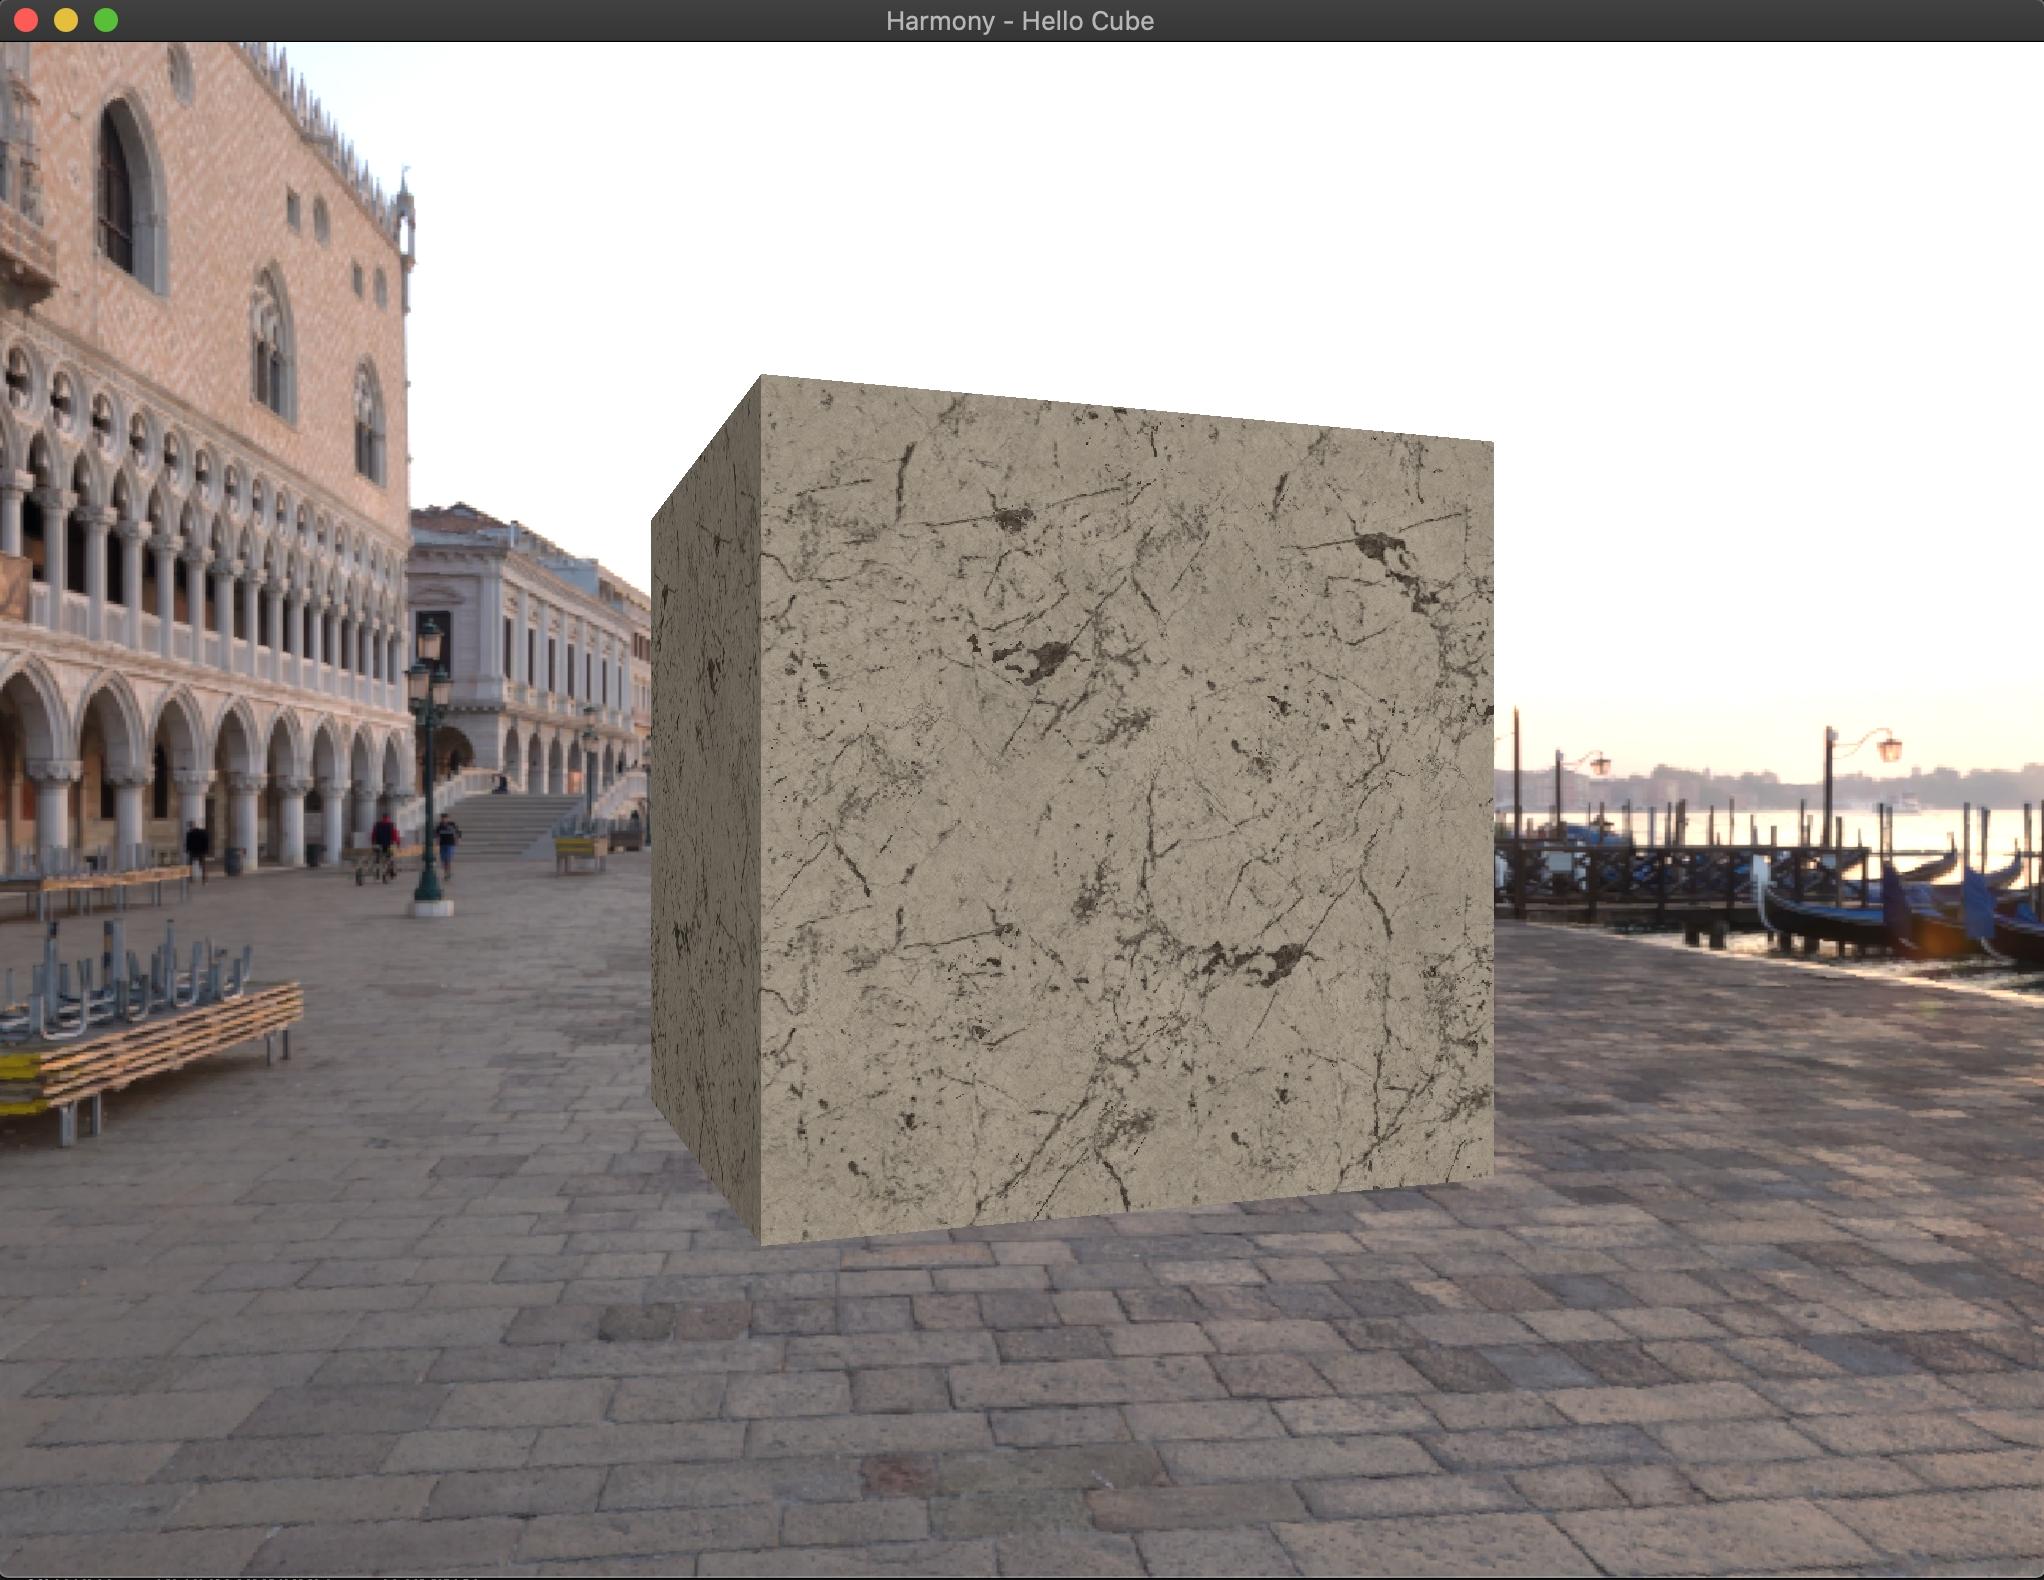 Hello Cube